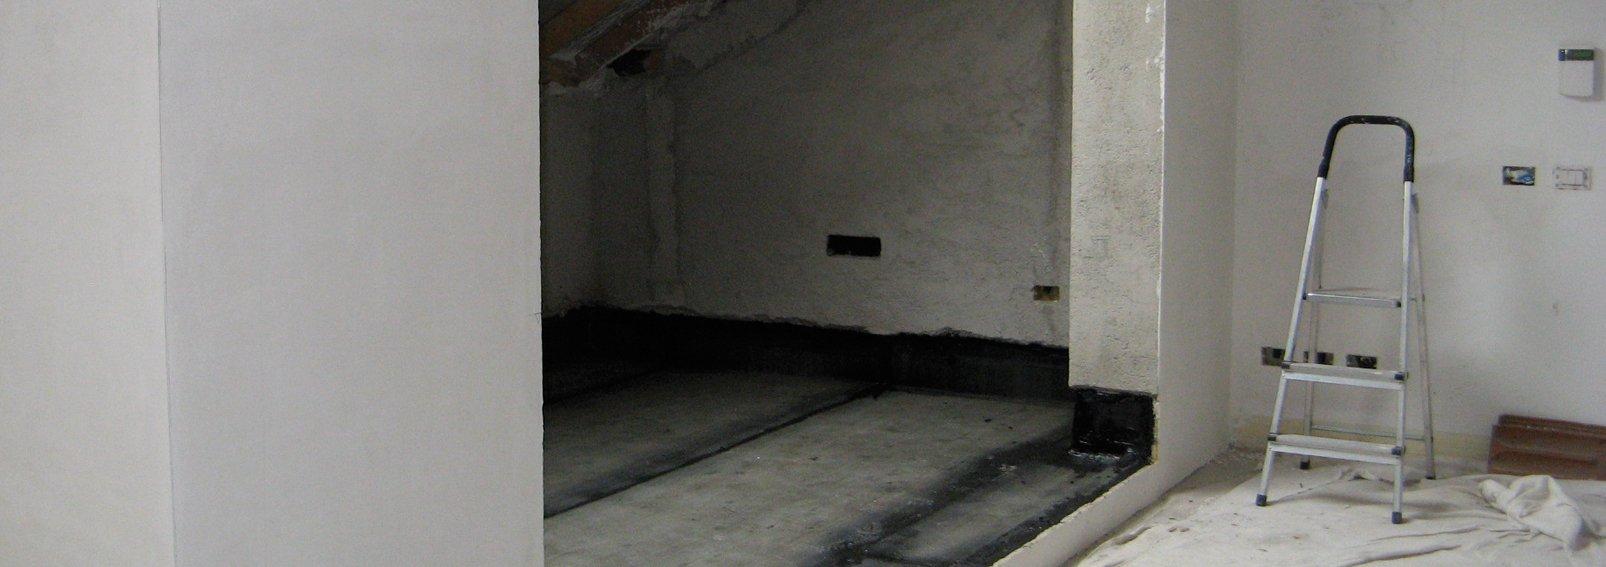 Ristrutturare la casa manutenzione ordinaria o - Manutenzione casa ...